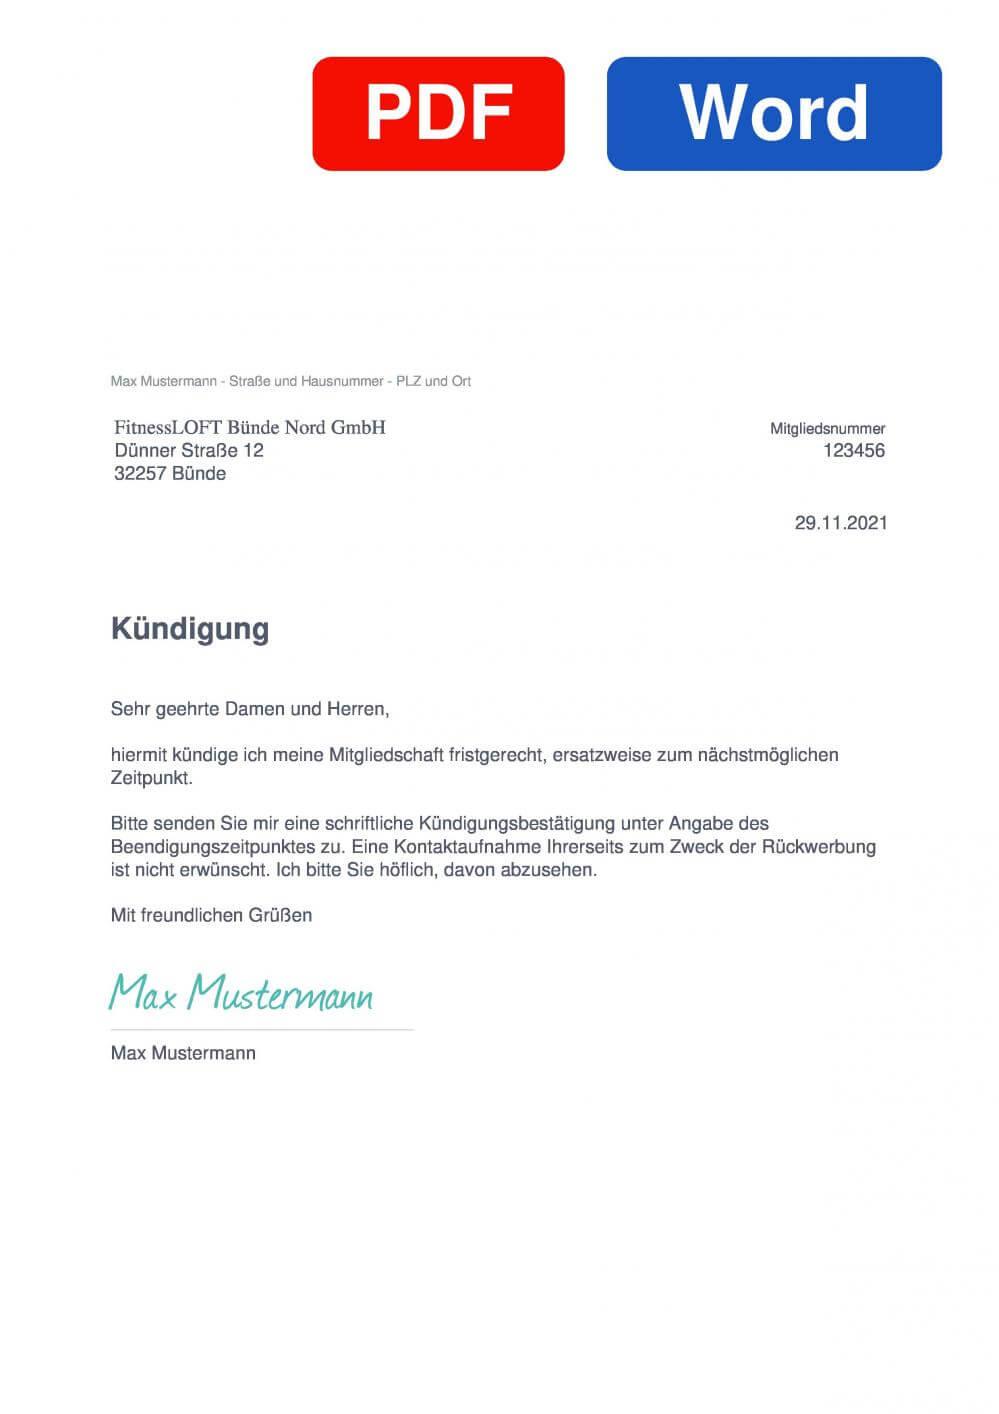 FitnessLOFT Bünde Nord Muster Vorlage für Kündigungsschreiben